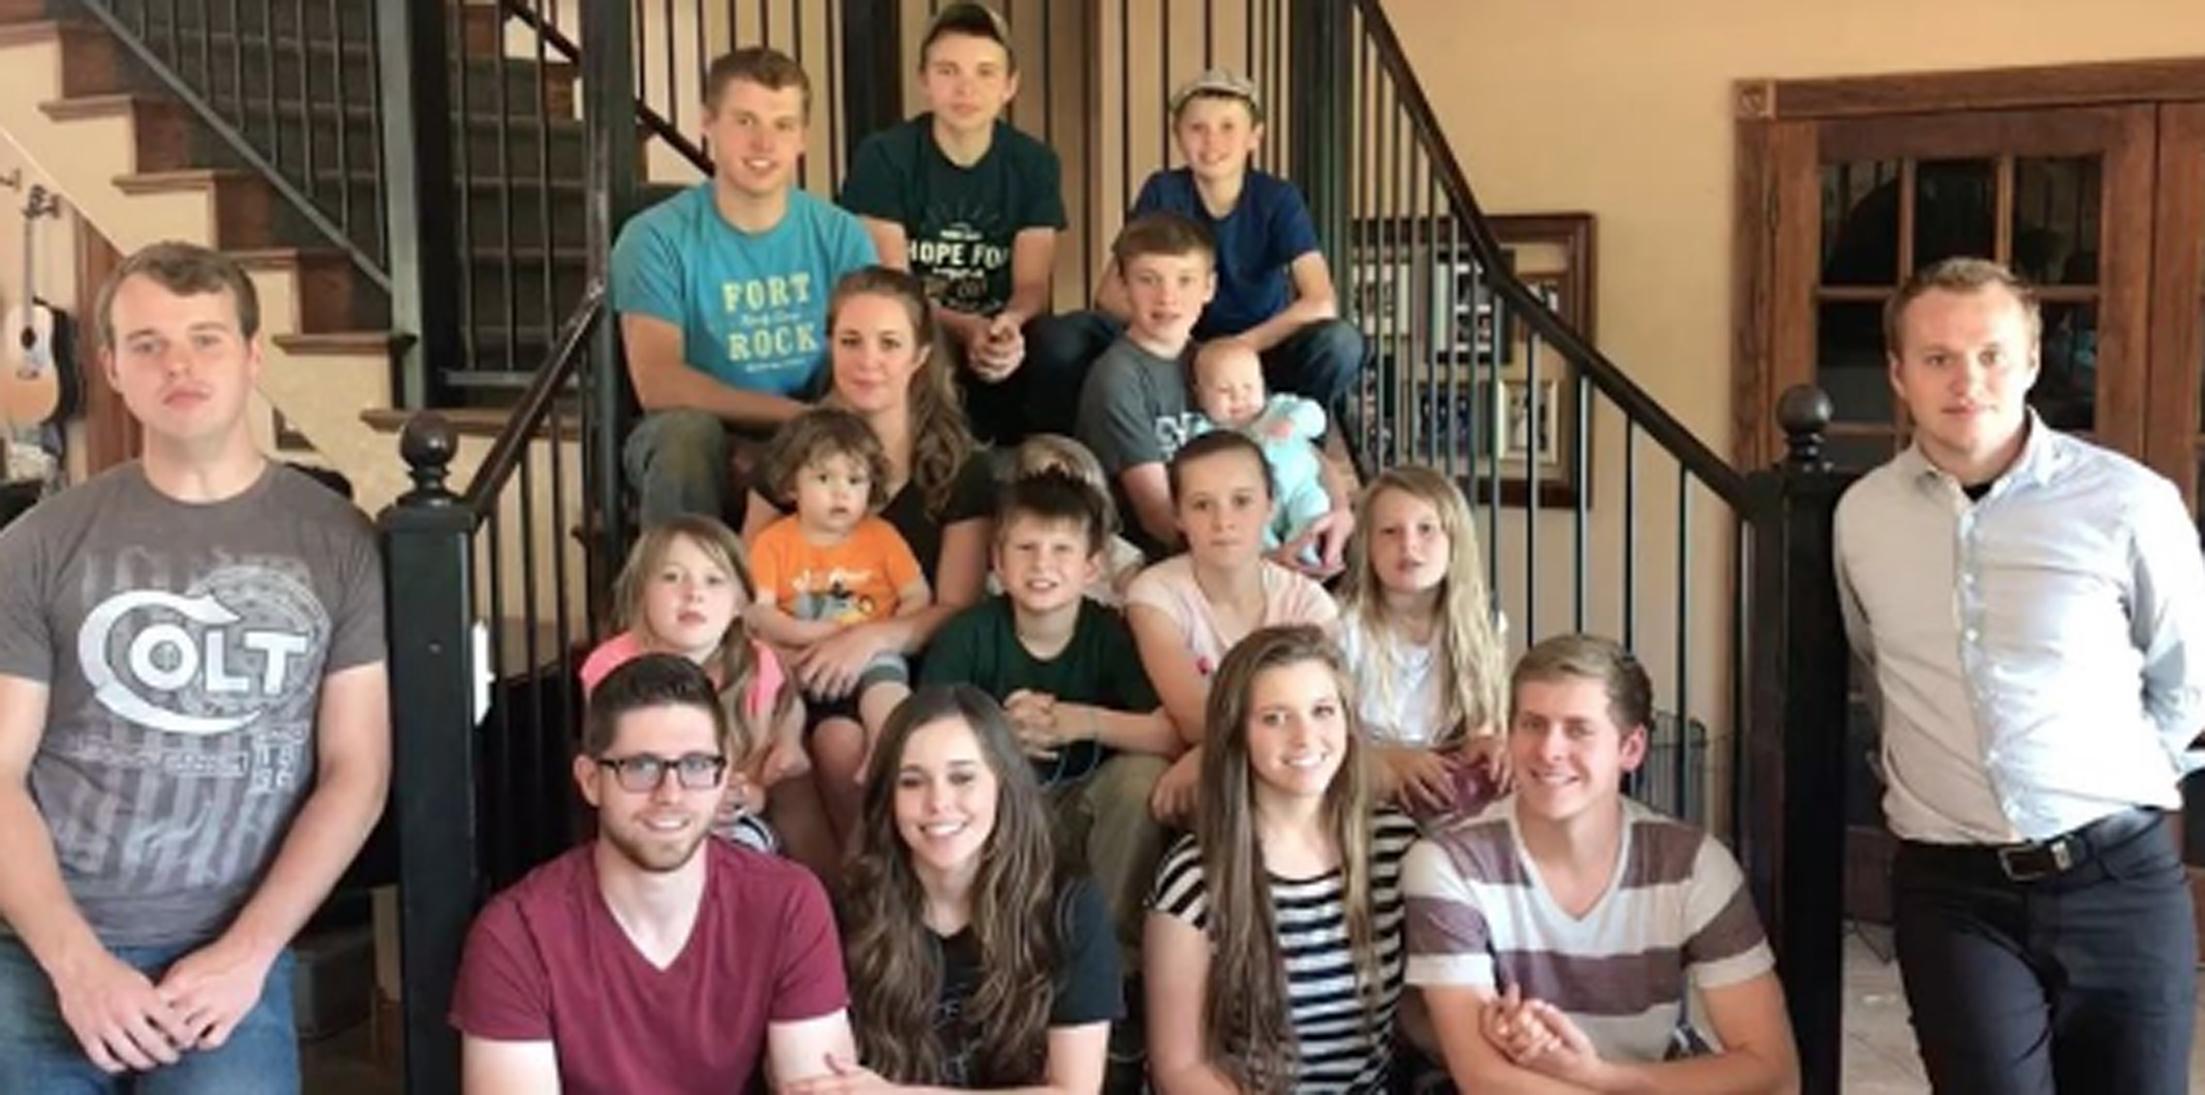 9 reasons duggar family in crisis hero